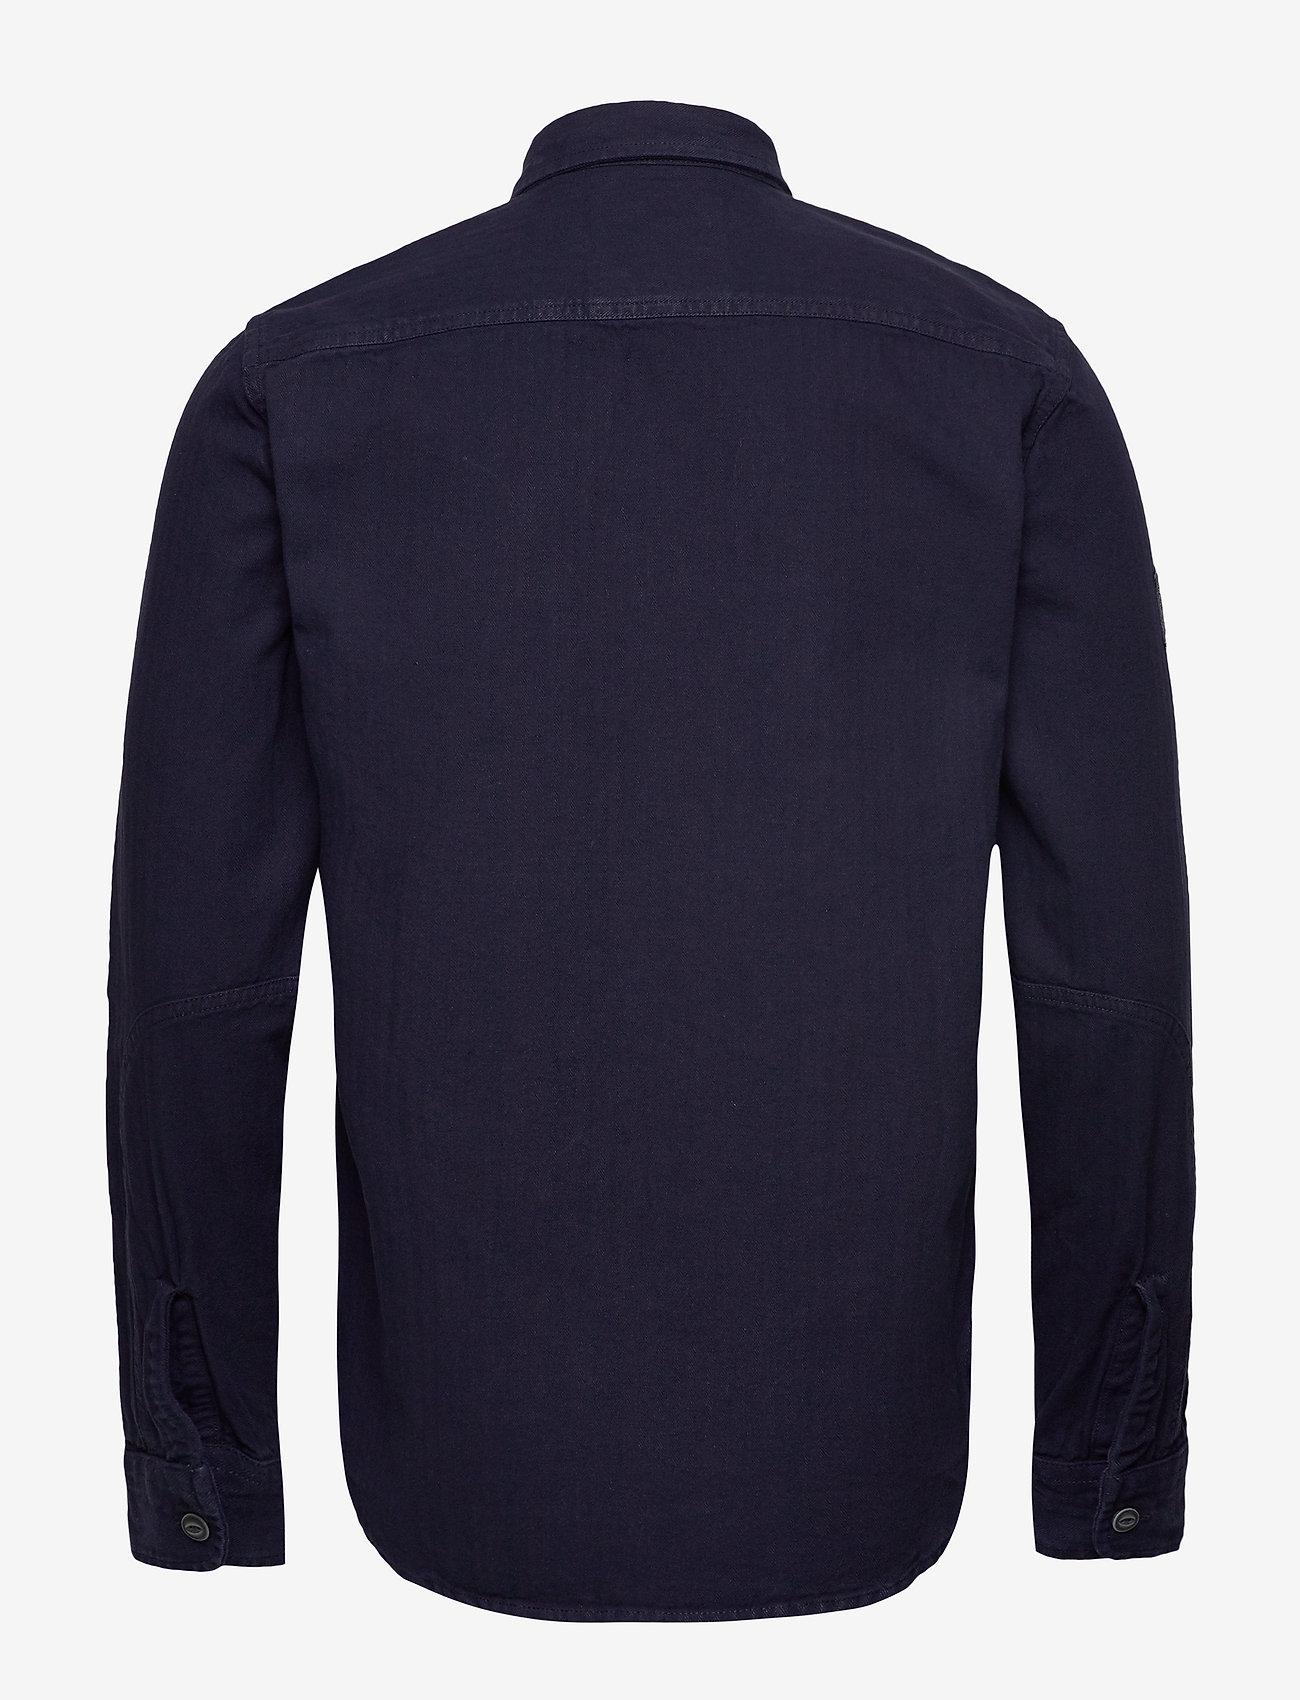 True Riveter Shirt (Ink Herringbone) (384.45 kr) - Superdry